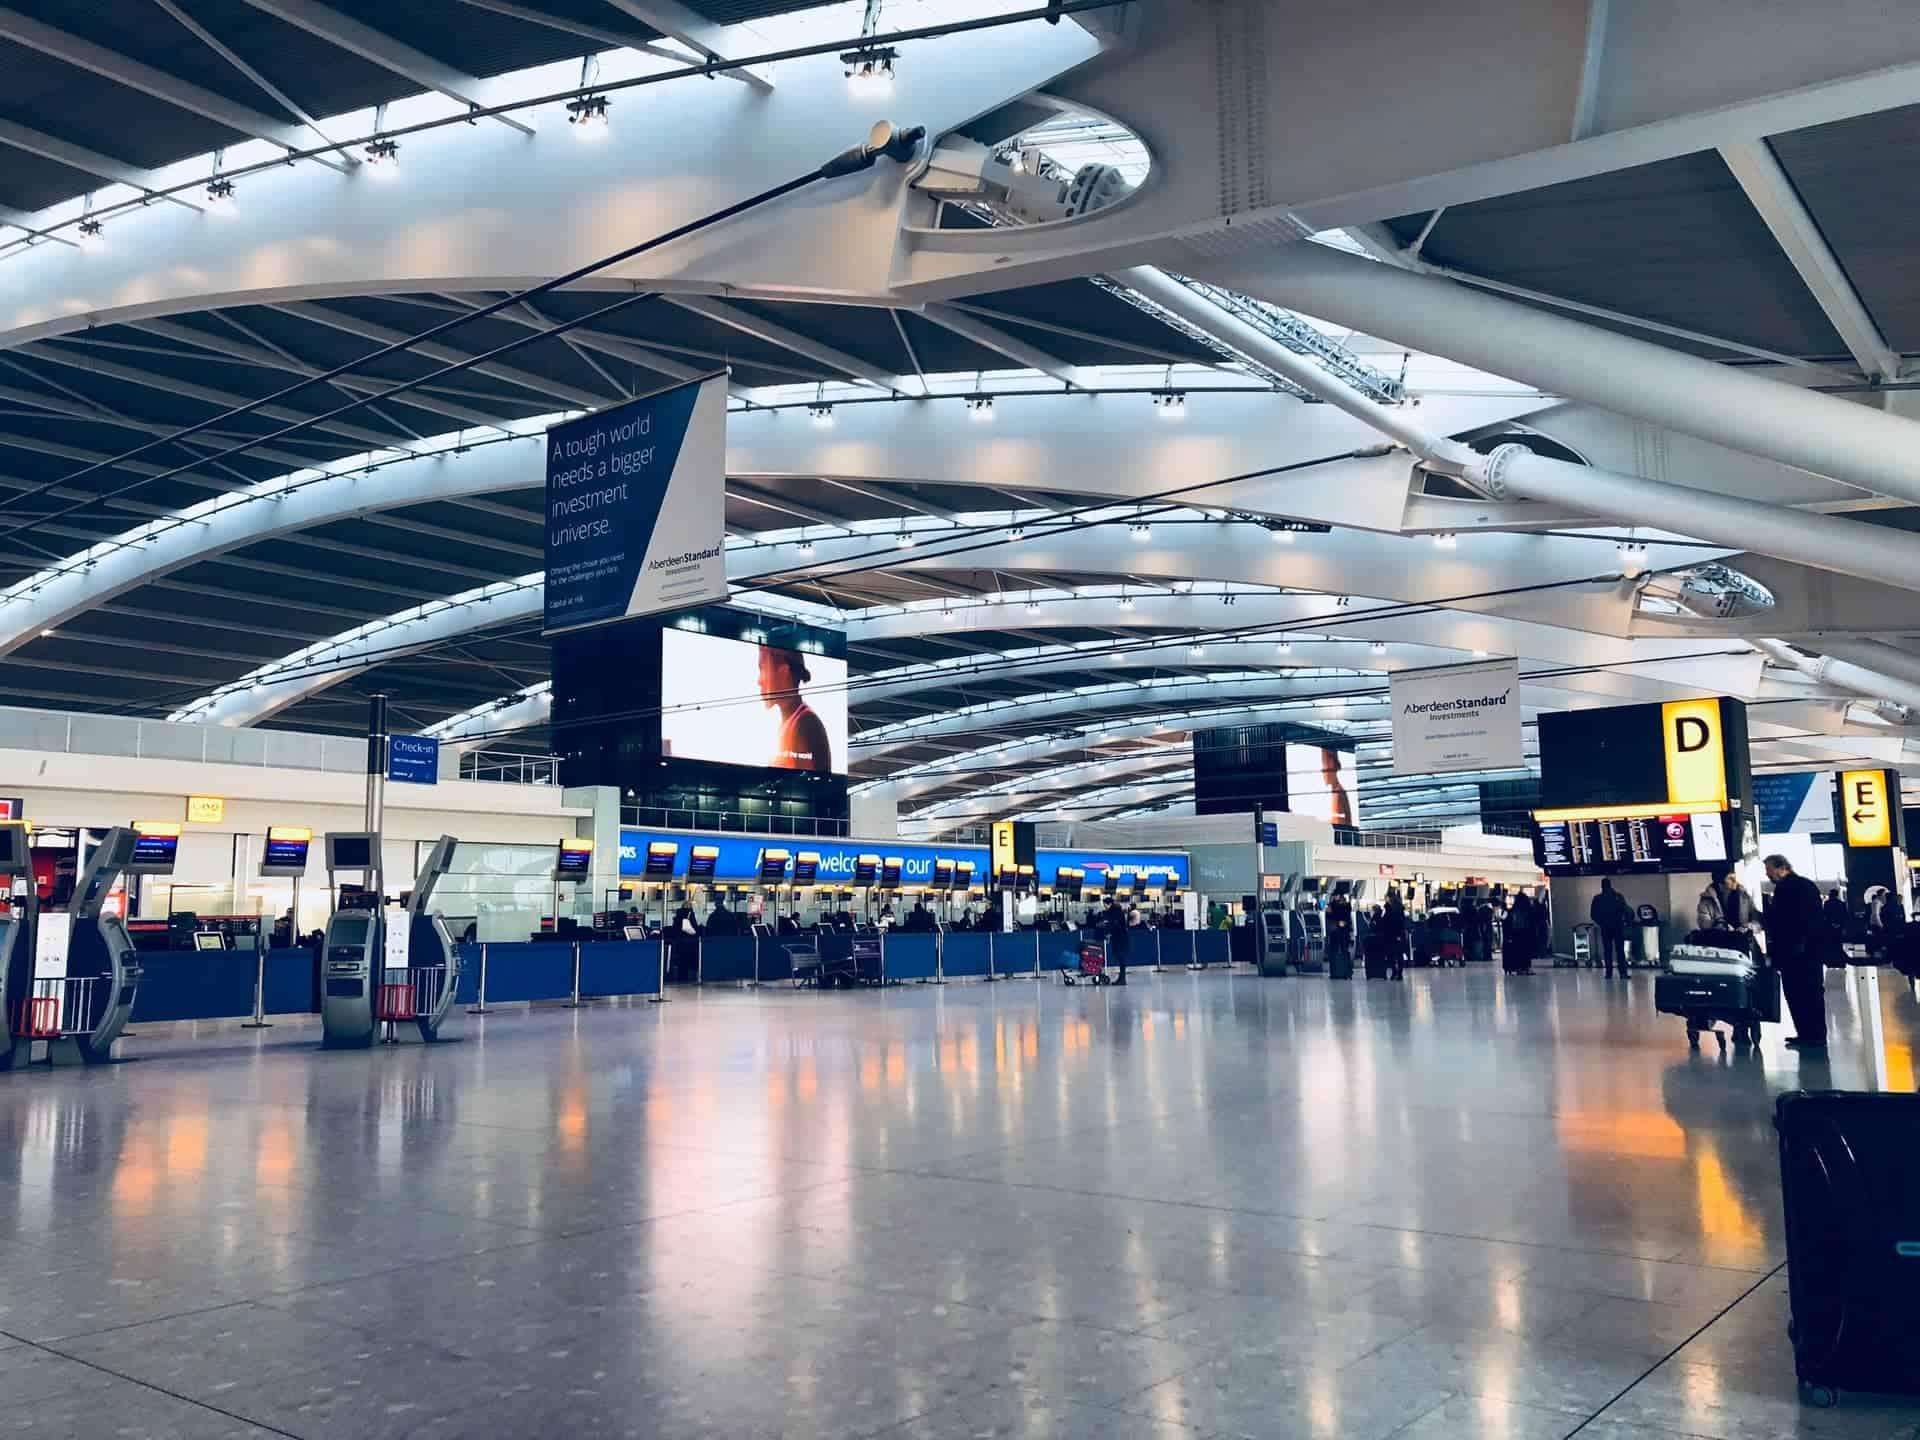 El aeropuerto de Heathrow, en Londres, cuenta con una terminal especial que fue asignada para viajeros de zonas de alto riesgo por COVID-19